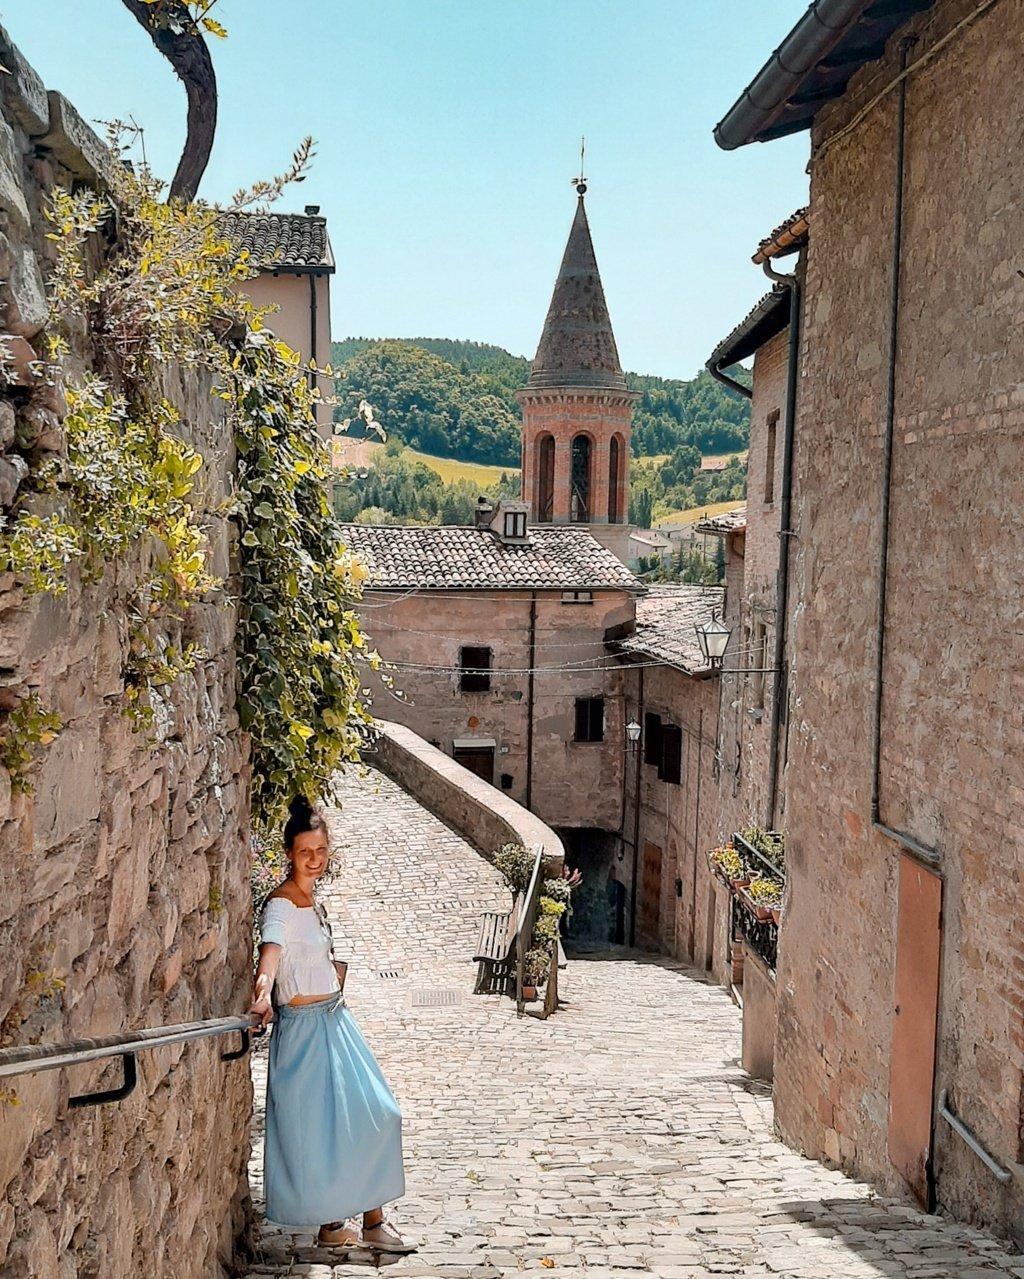 il borgo di Sant'Agata Feltria